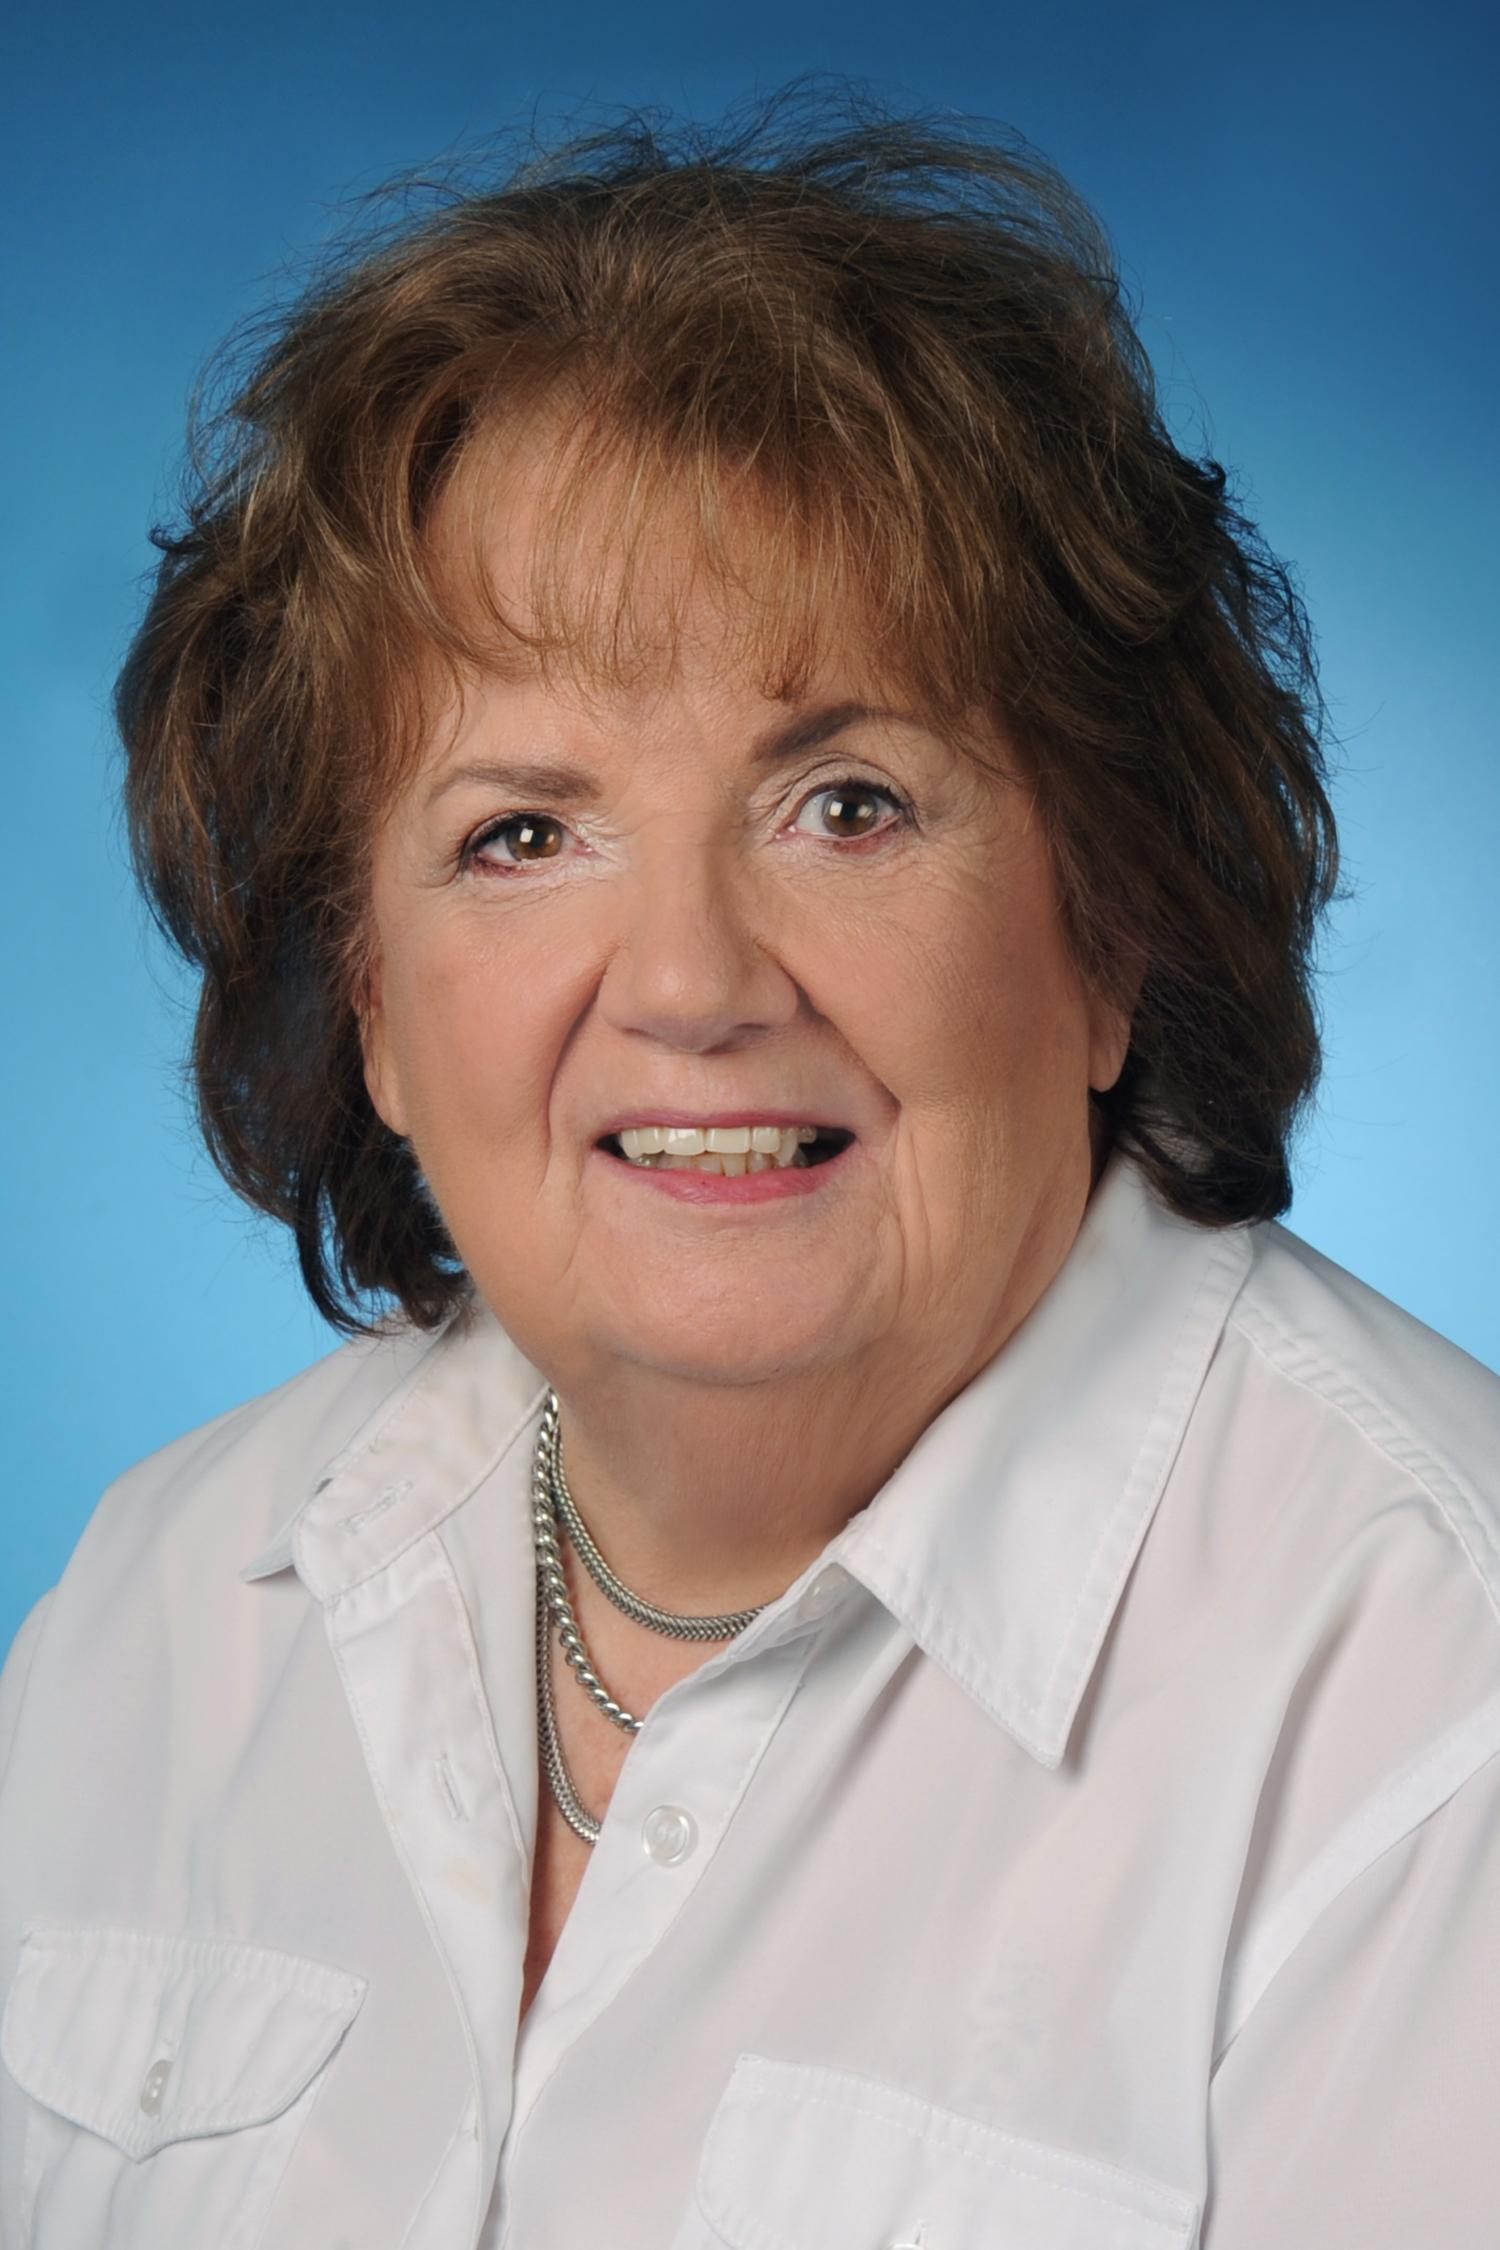 Carole Bowen